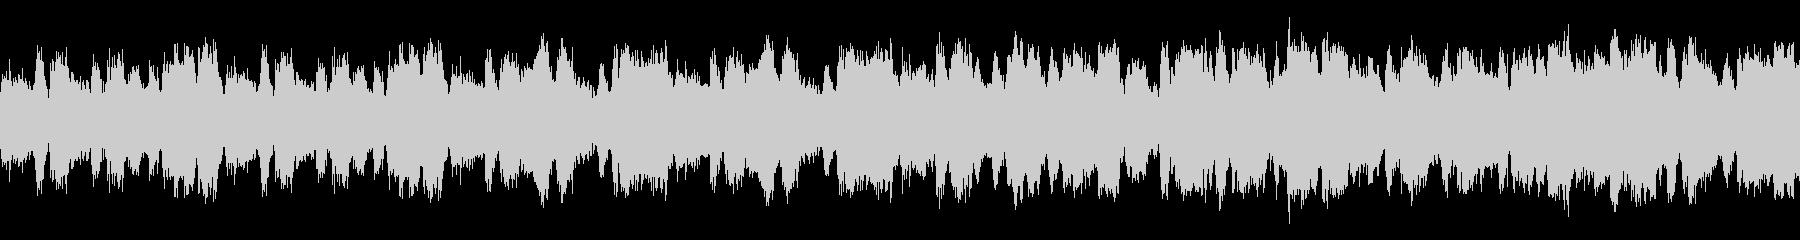 コミカル オーケストラ風 ループの未再生の波形